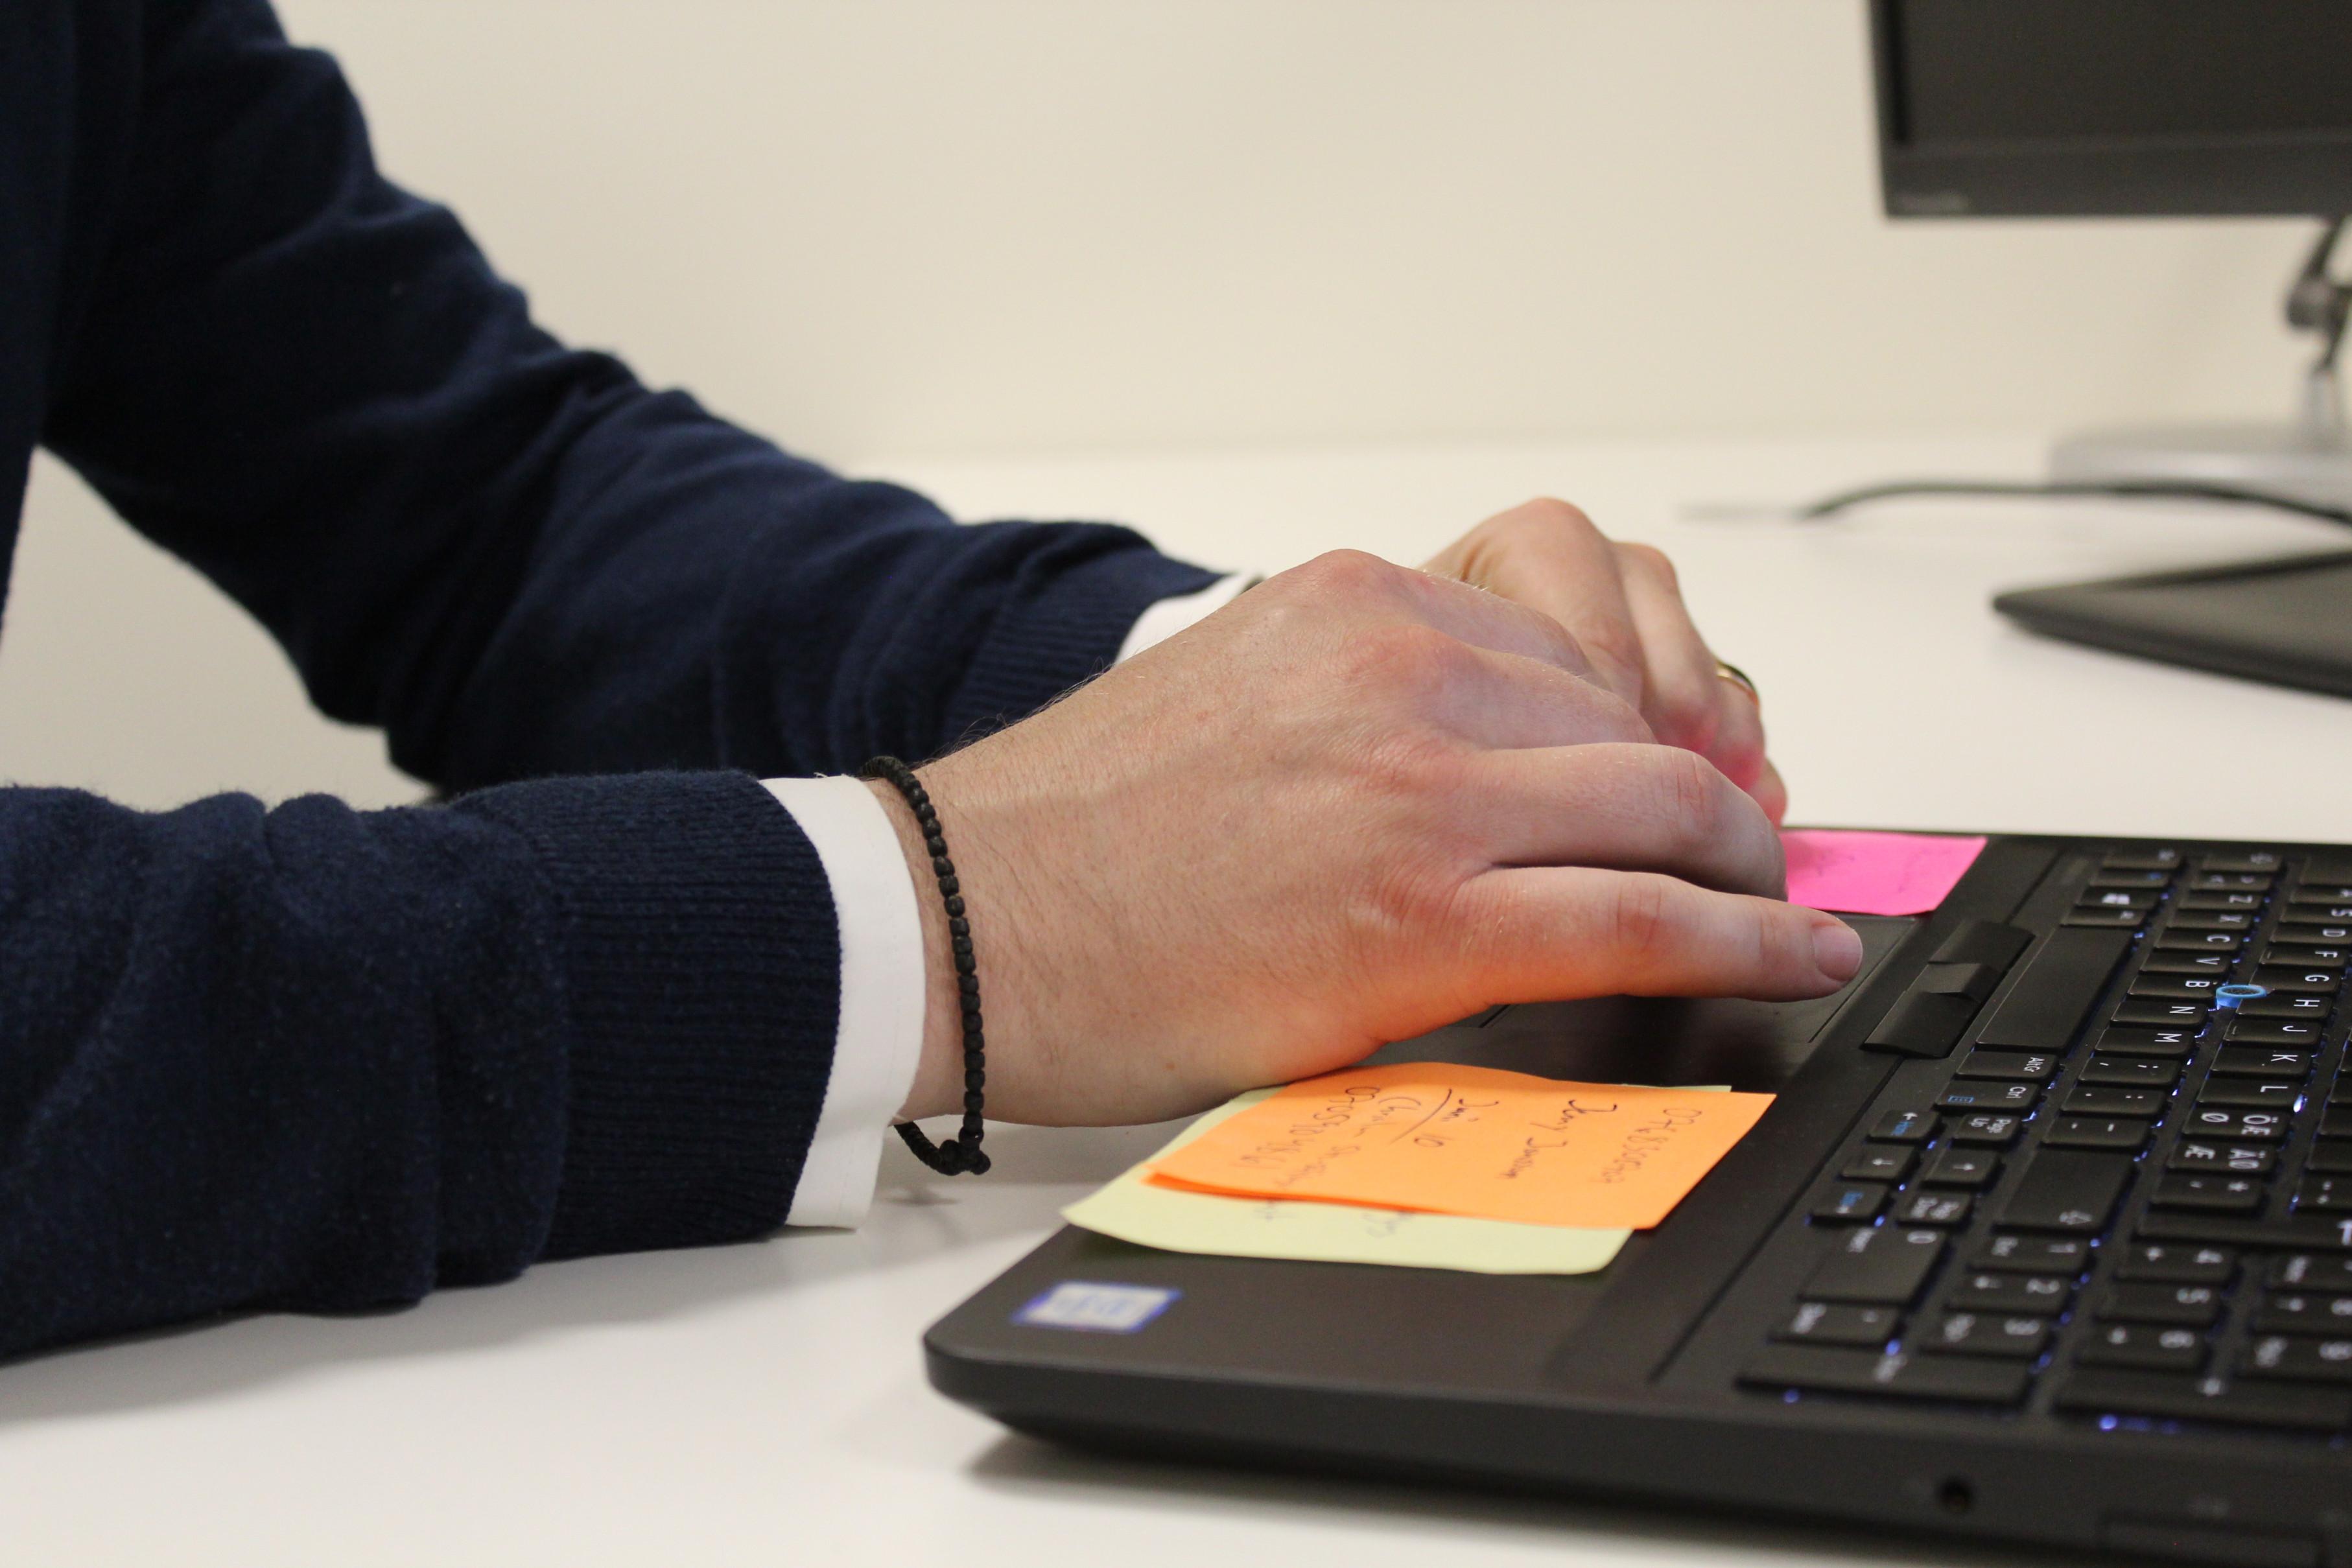 Premiermedarbetares händer på tangentbord